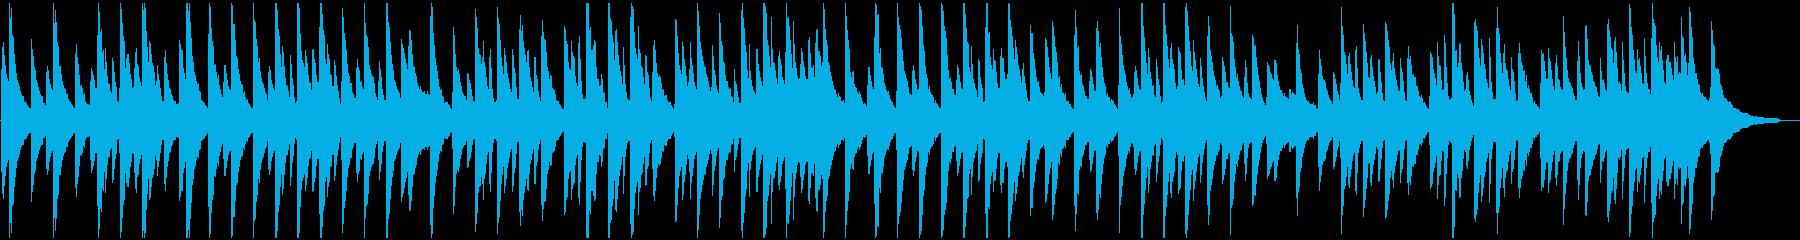 ★サティ★ジムノペディ第1番★ピアノ★Gの再生済みの波形